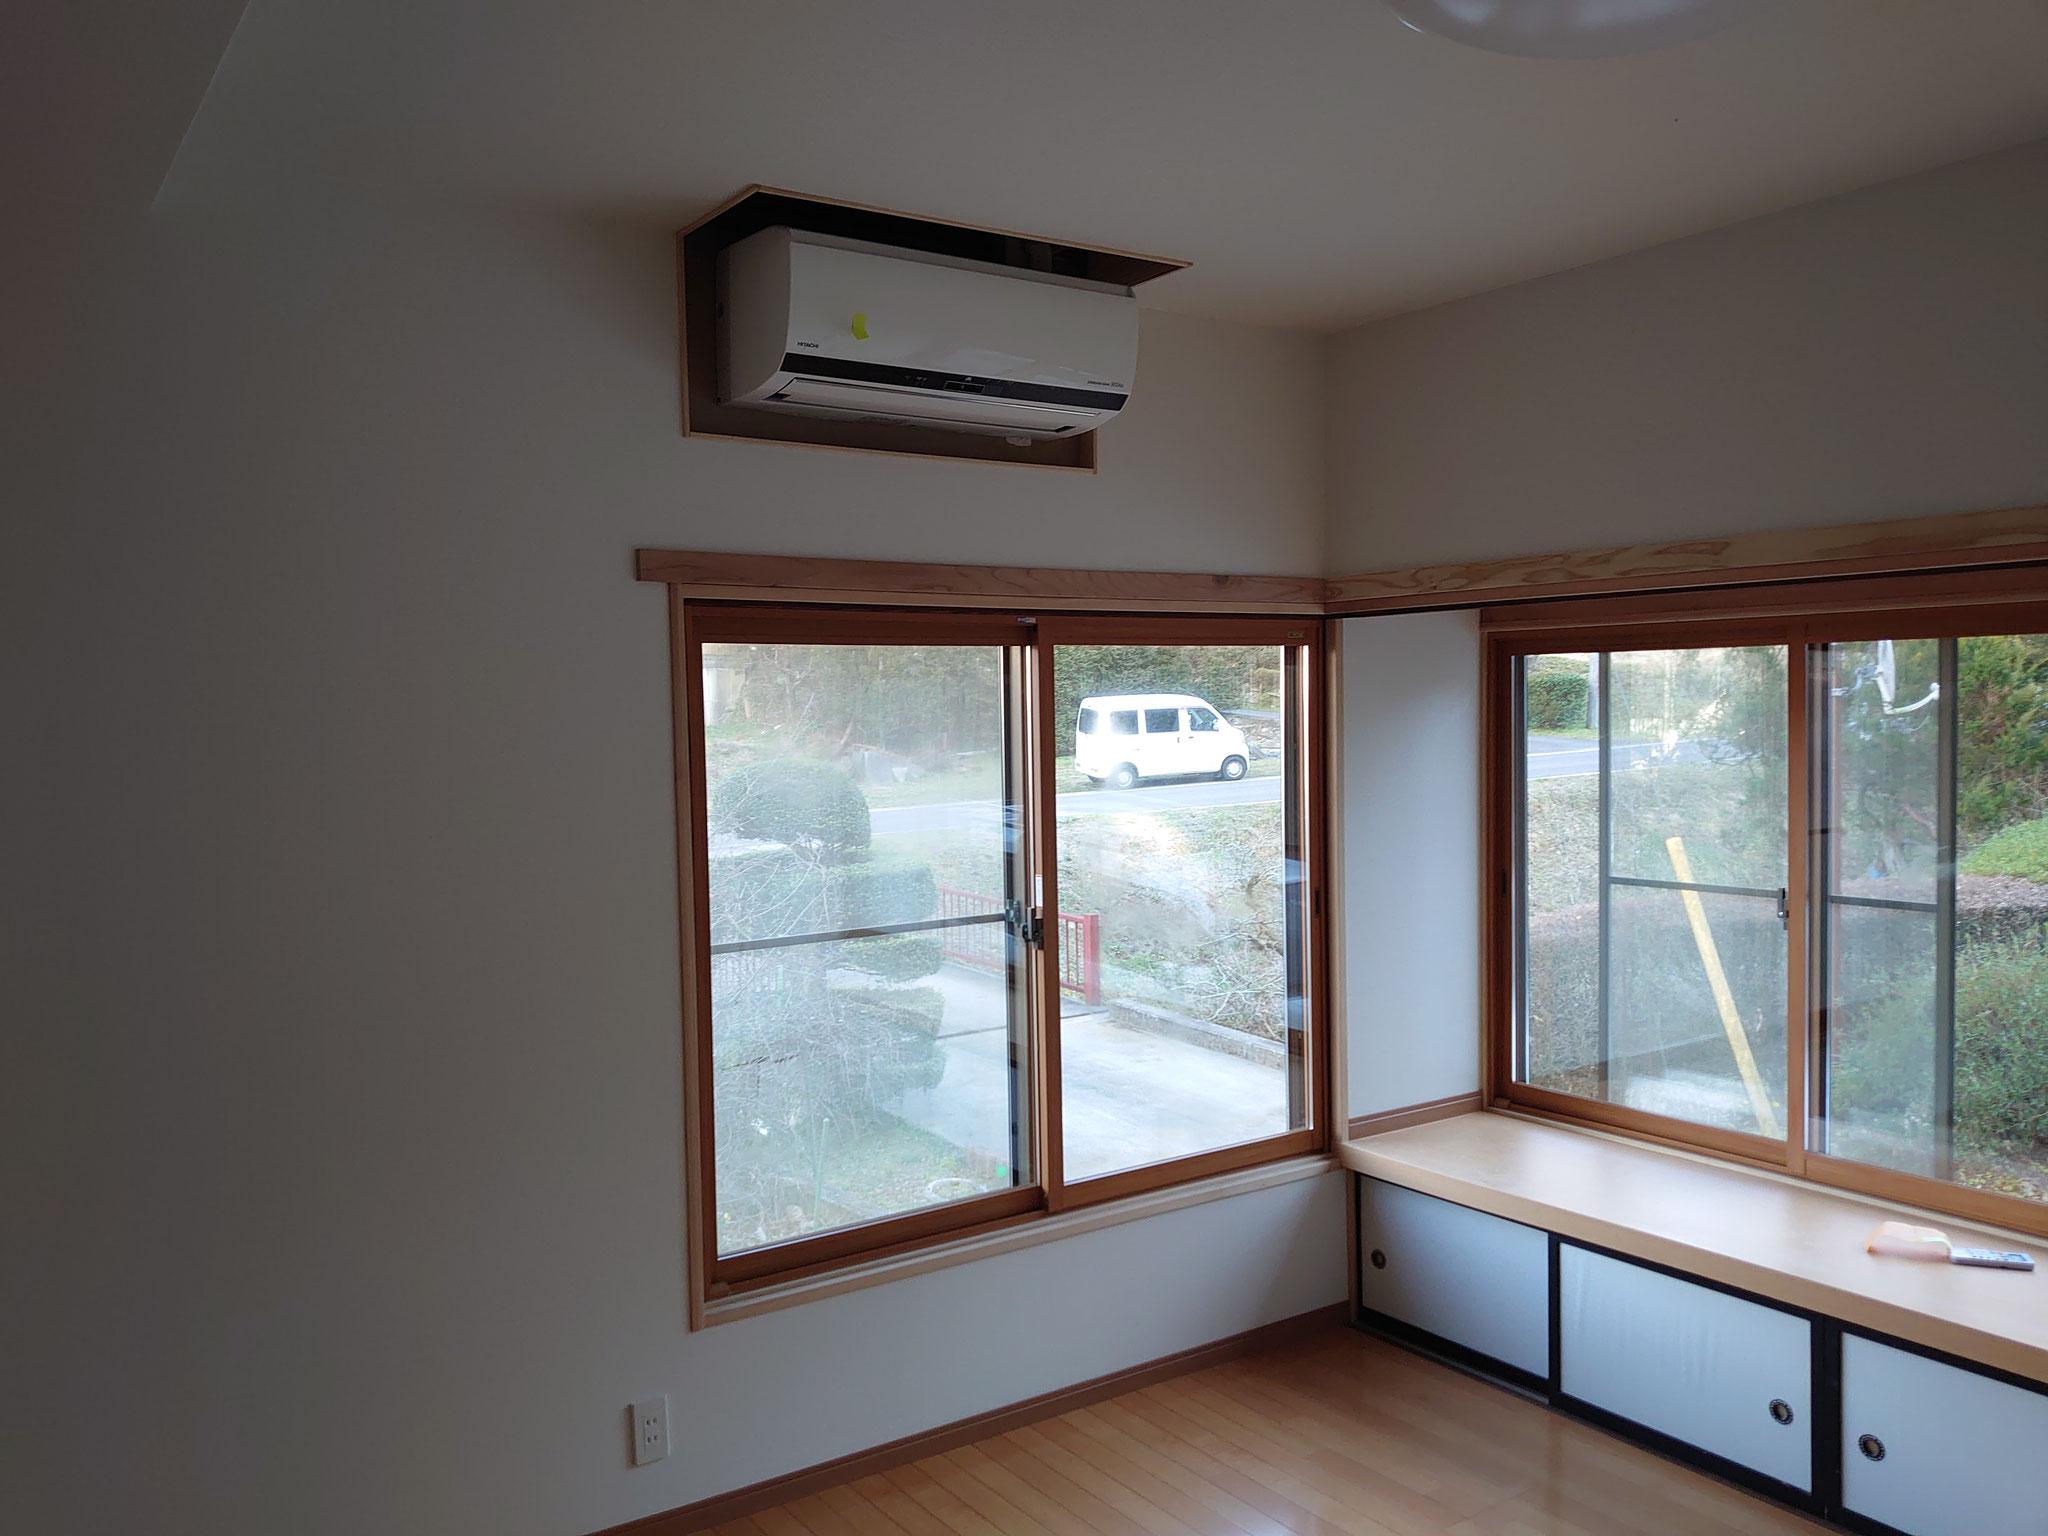 元々あった窓や収納も活かしています。